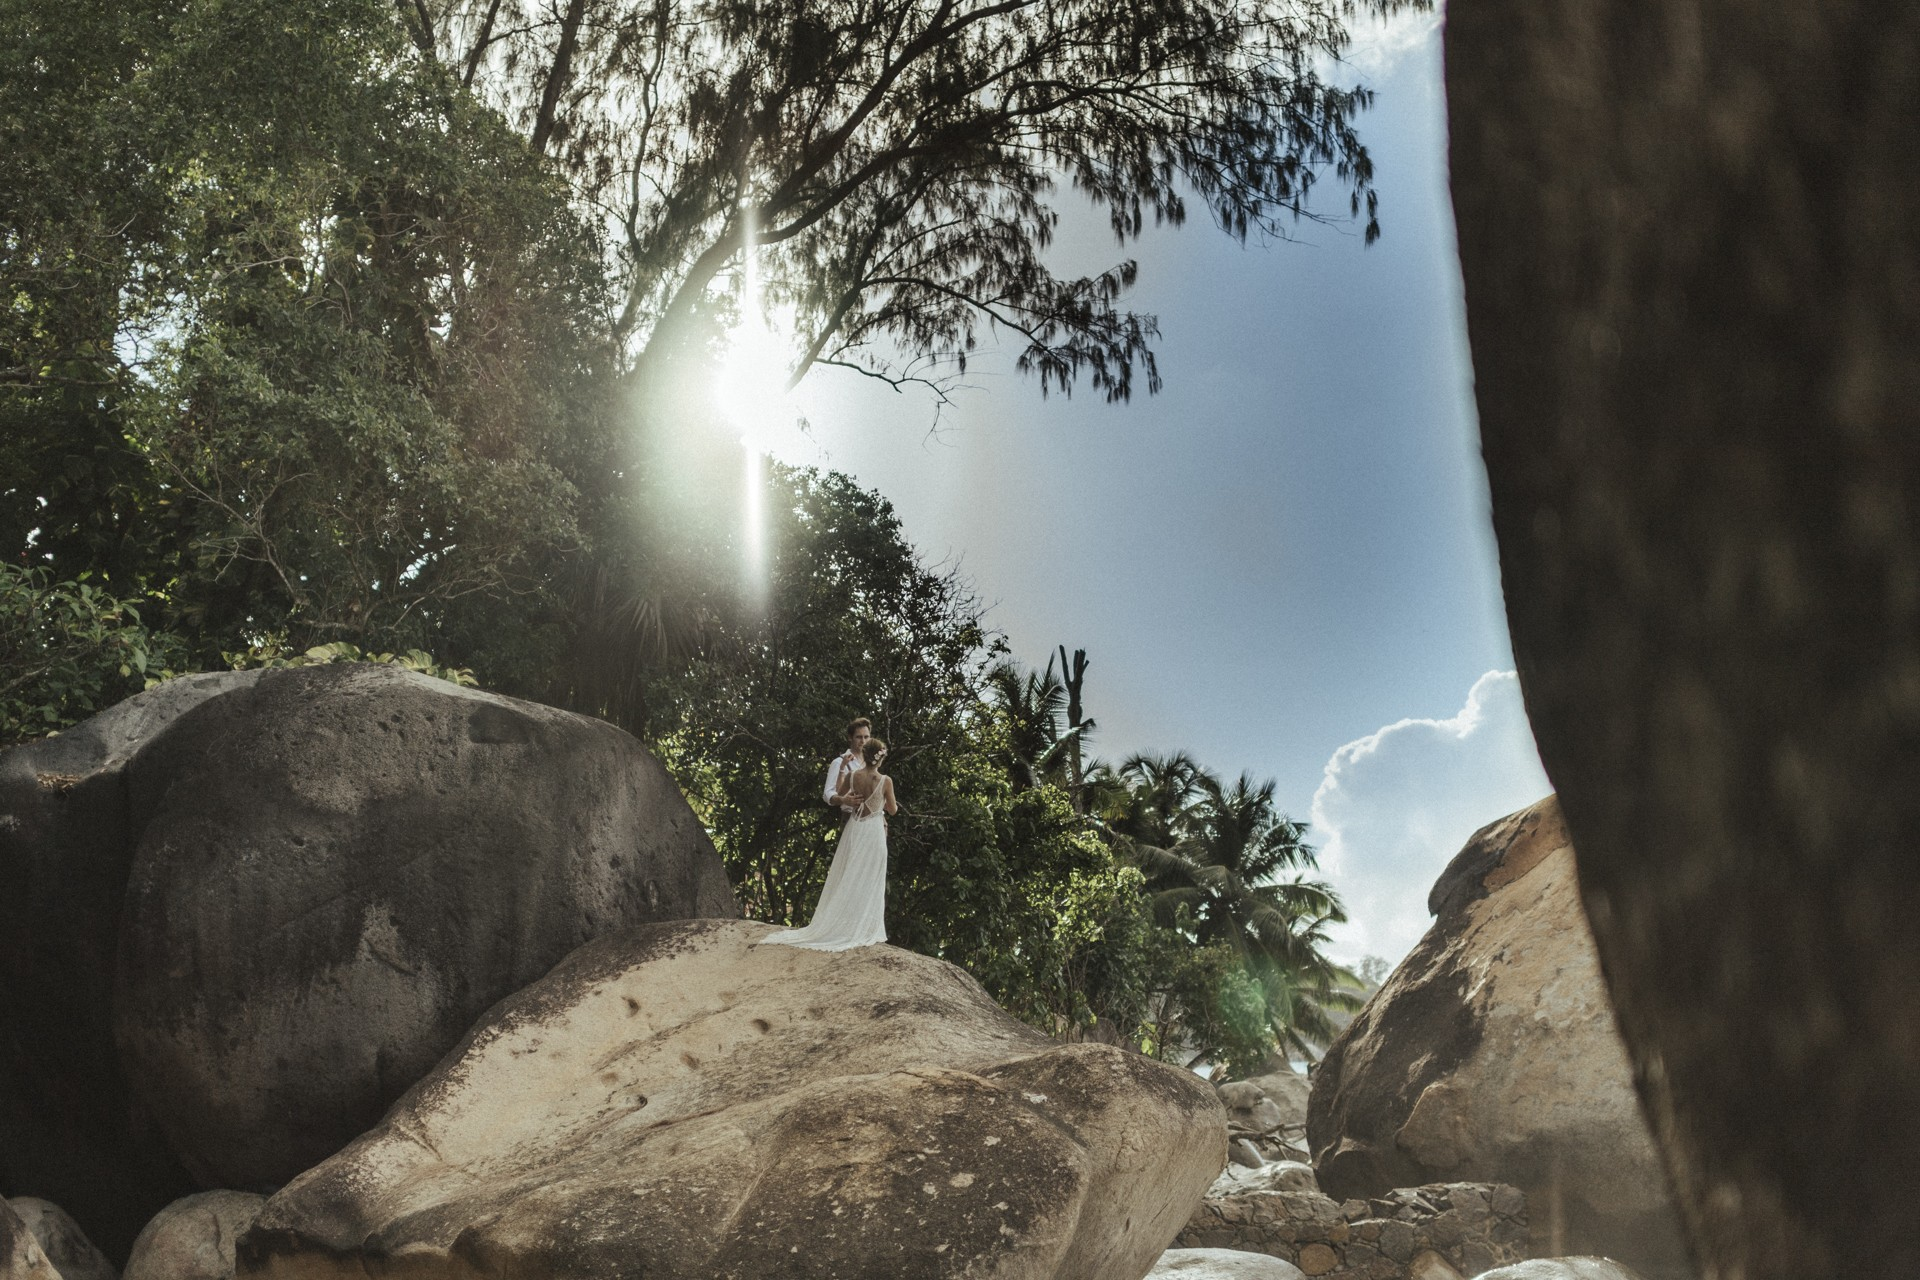 hochzeitsfotos-bkm-seychellen9